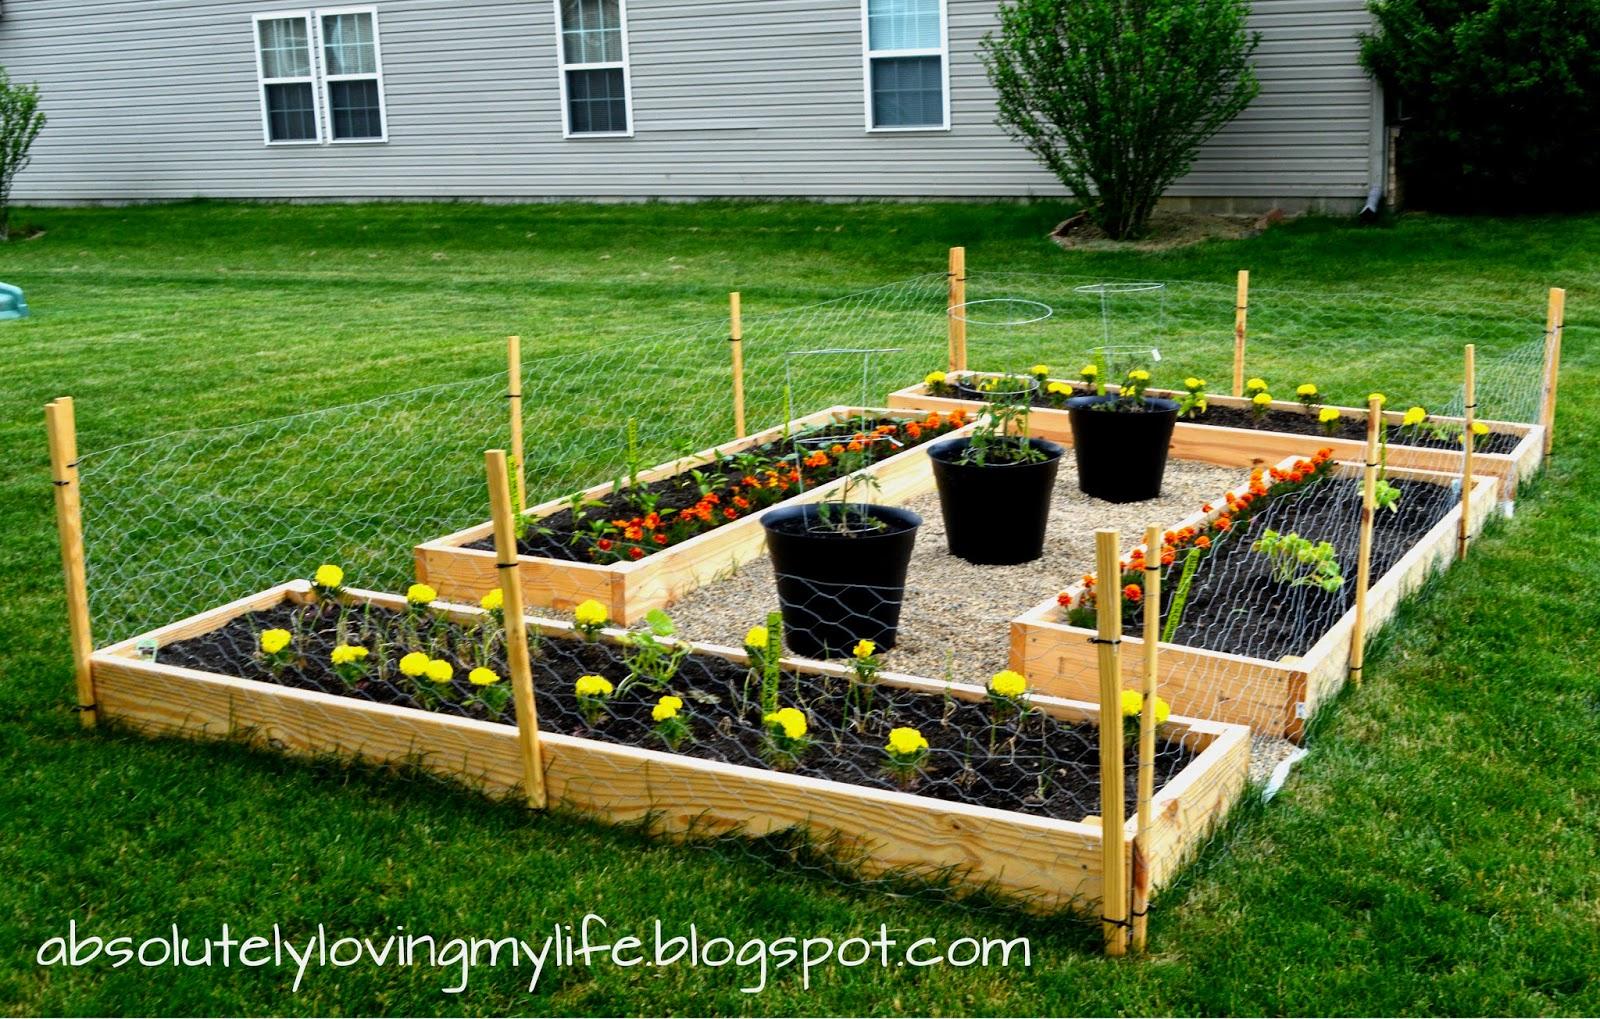 Loving Life: DIY Backyard Raised Garden Beds for Beginners